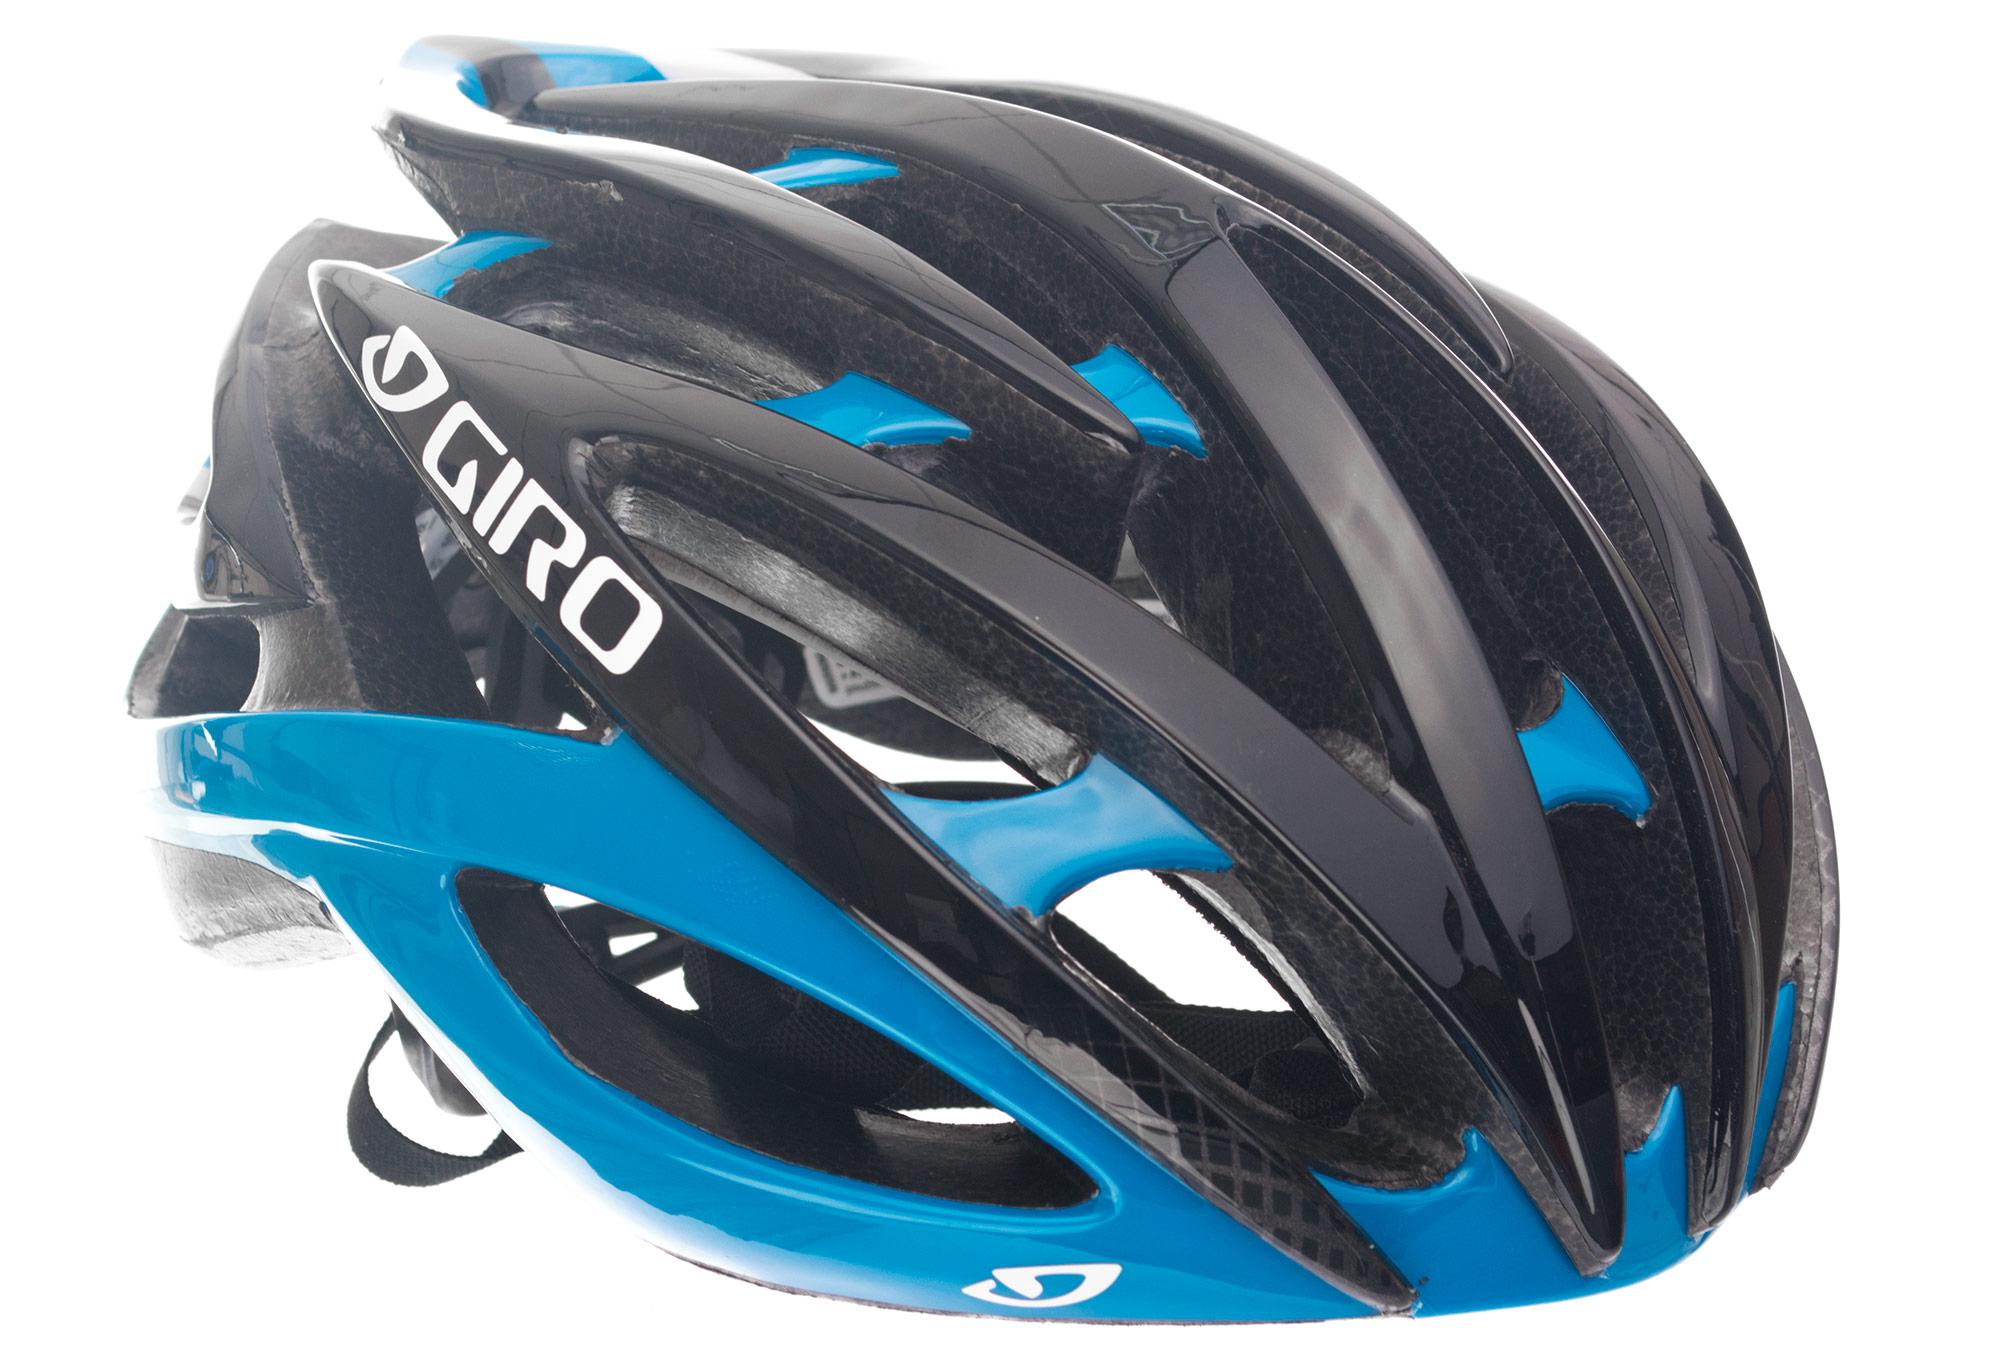 c731843fd1153 Casco Giro ATMOS 2 2015 Azul Negro